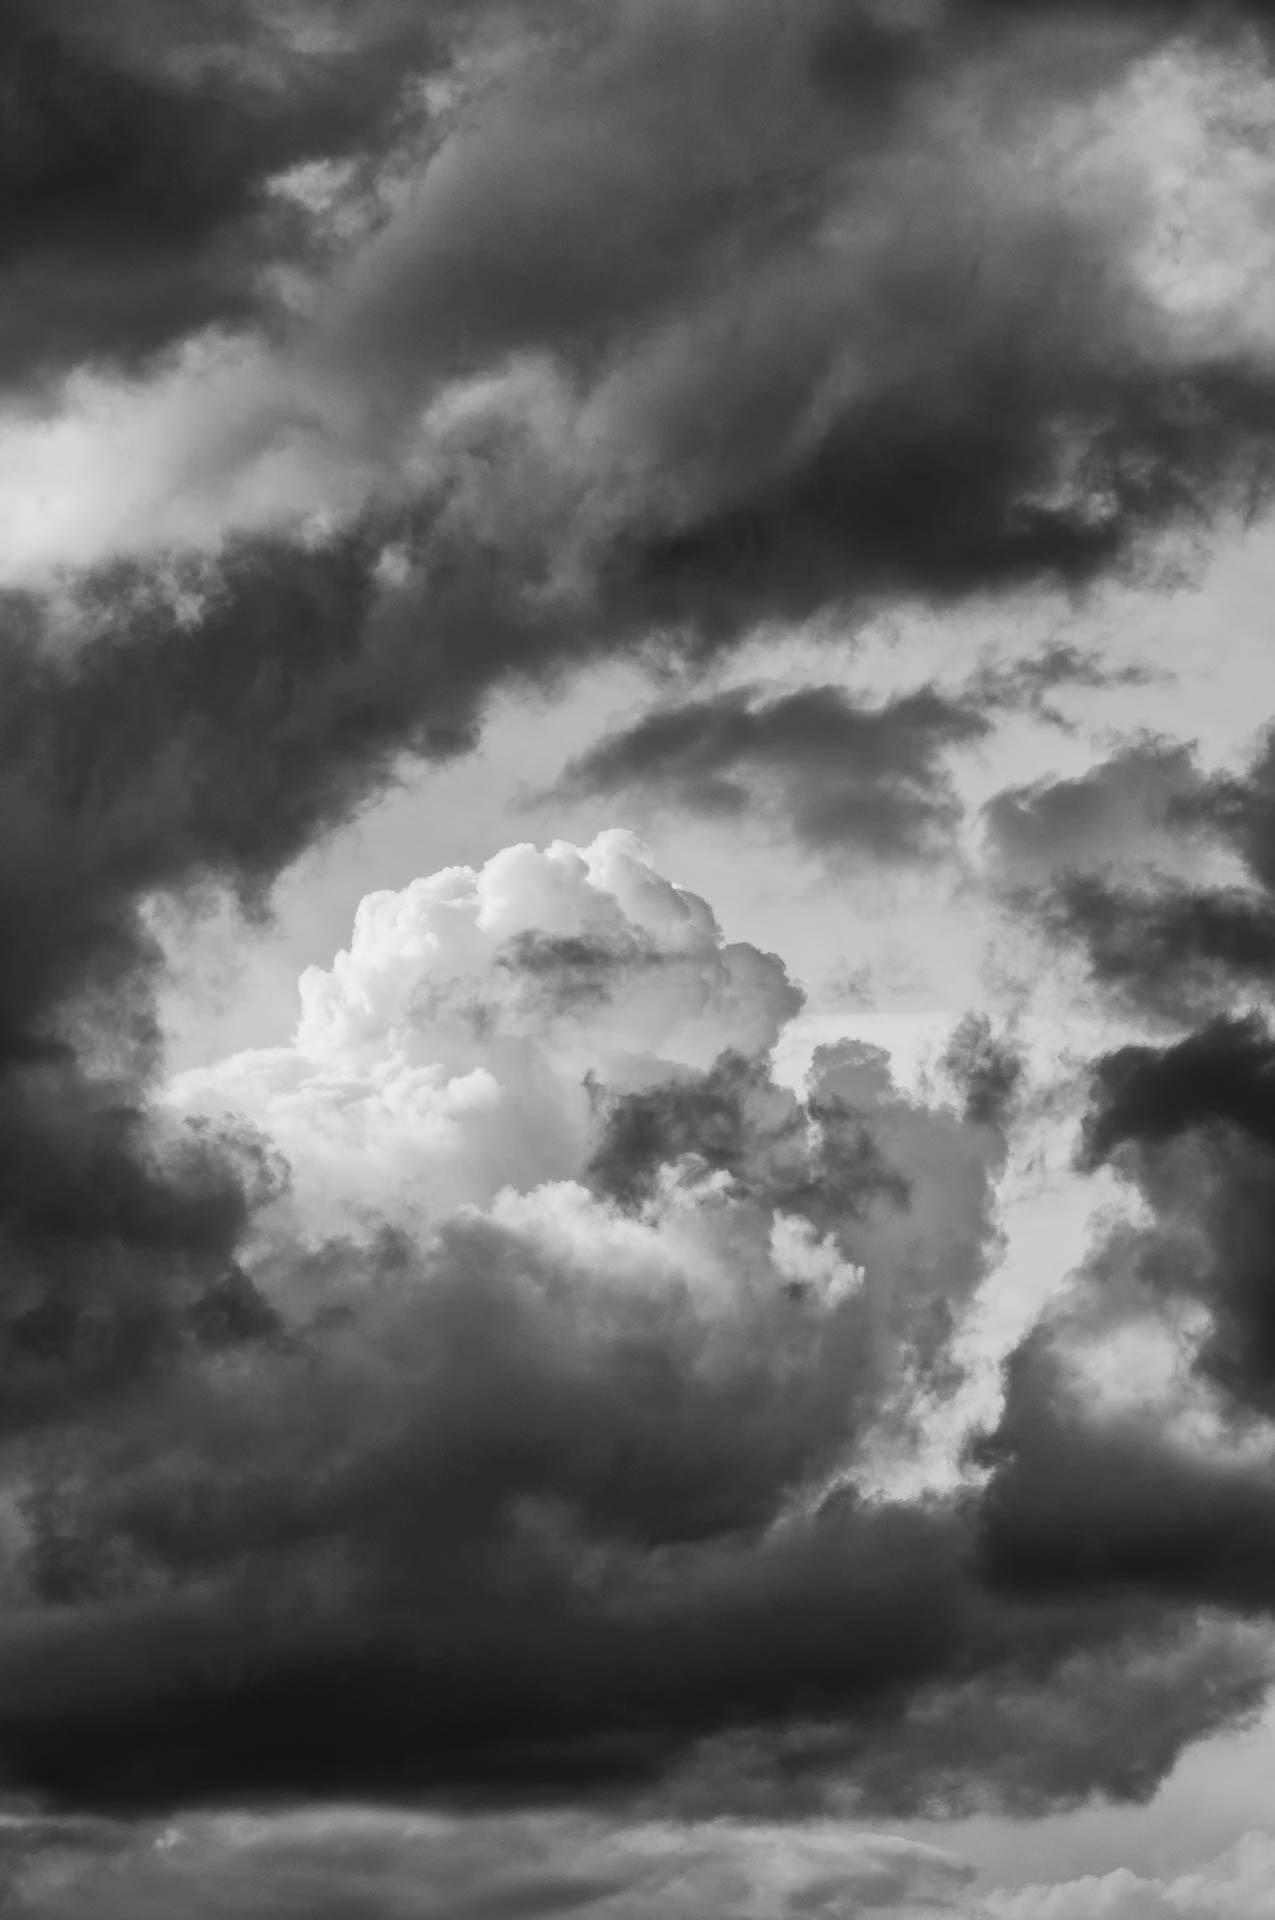 Nikon D300 - Wolken eingerahmt